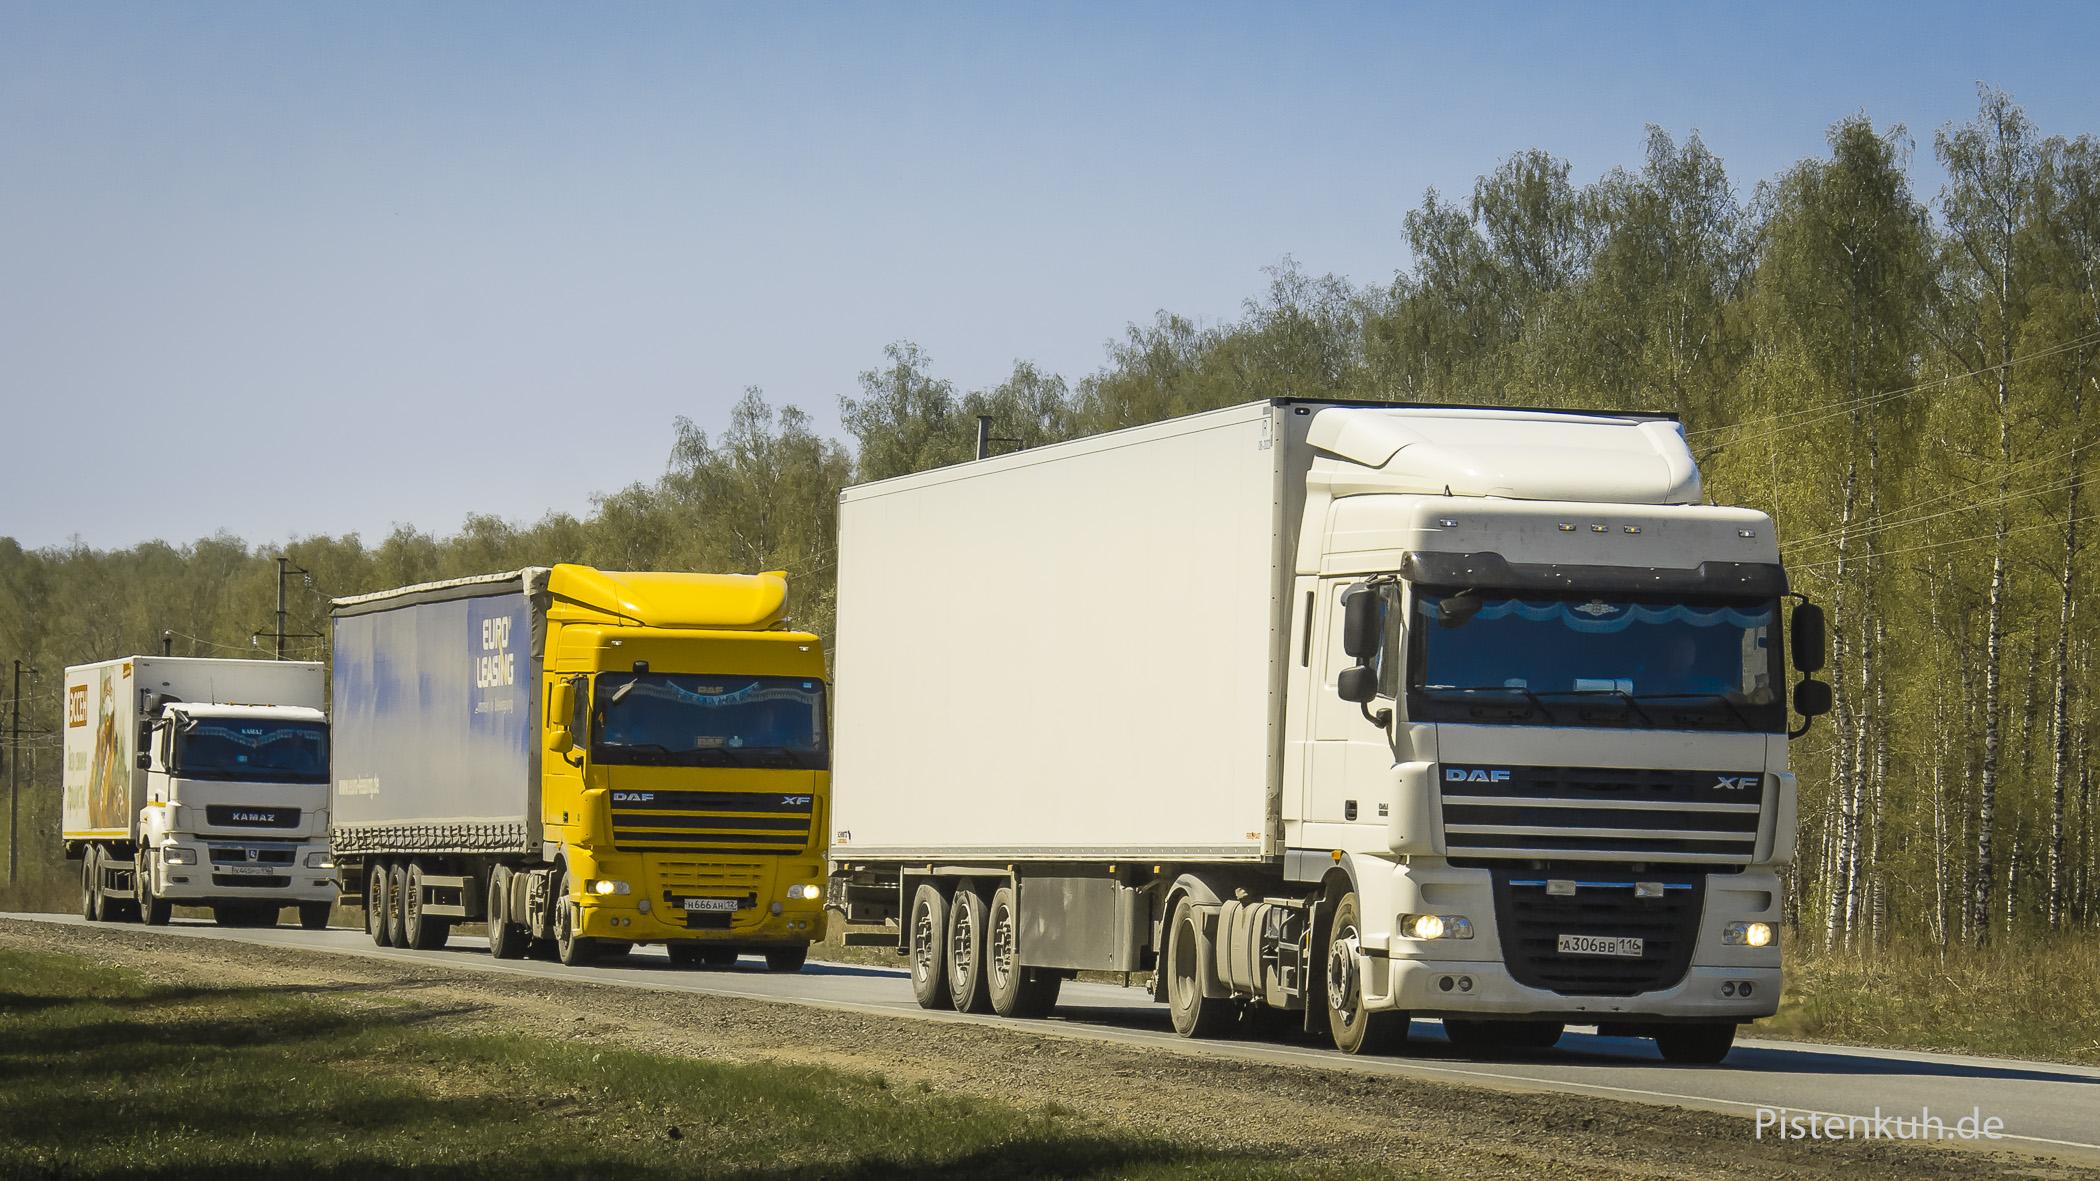 Typischer Fernverkehr auf russischen Landstraßen